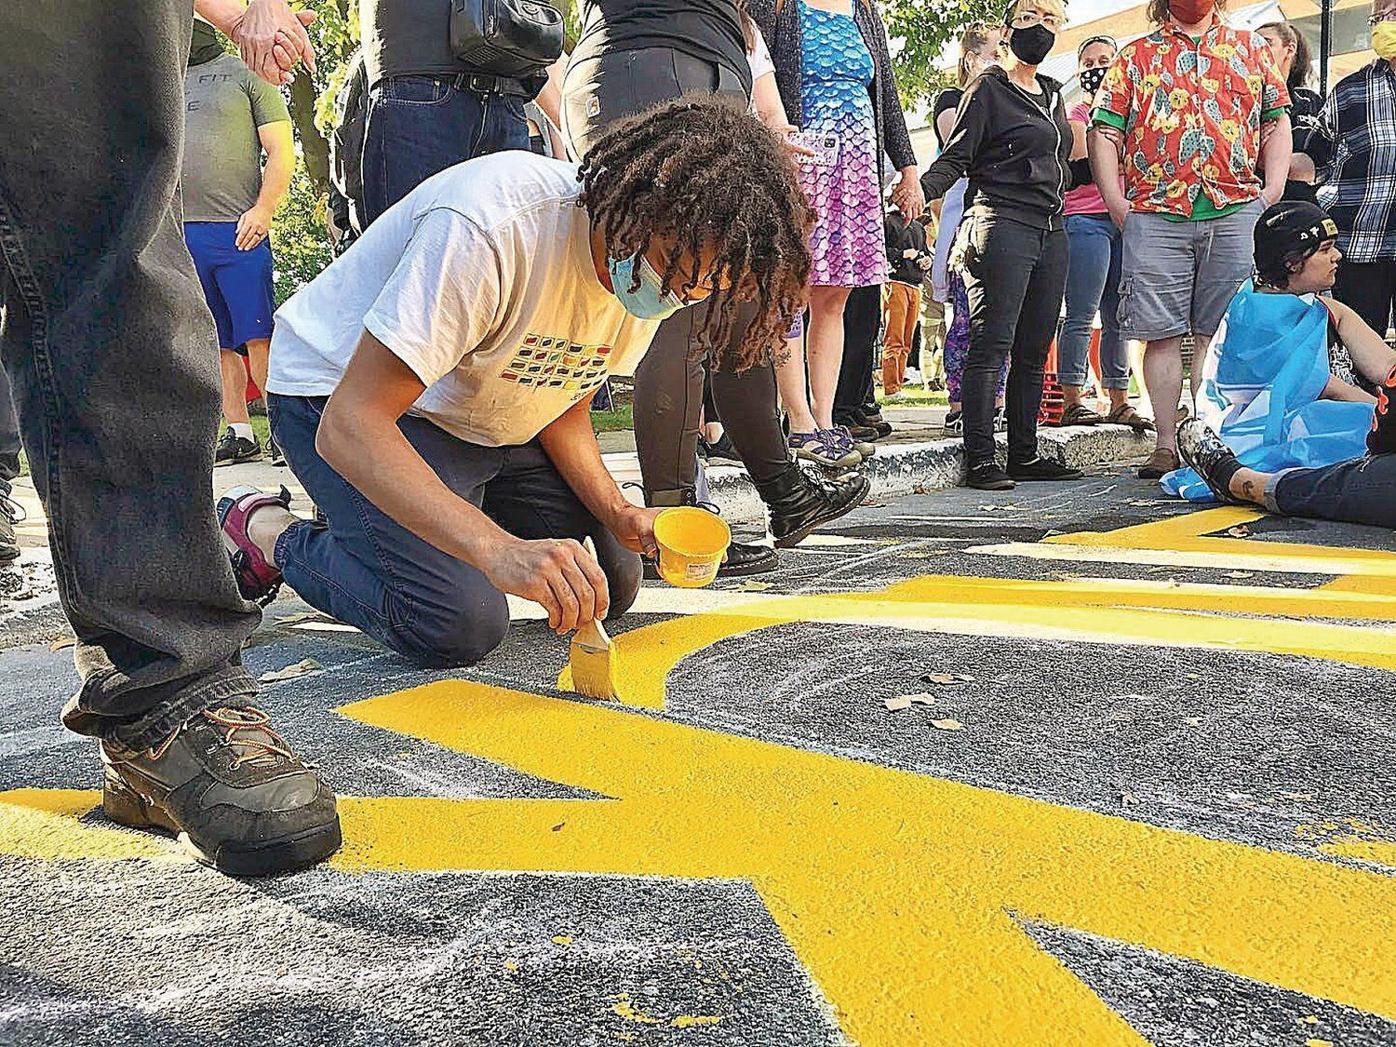 Bennington Black Lives Matter mural finished despite protests